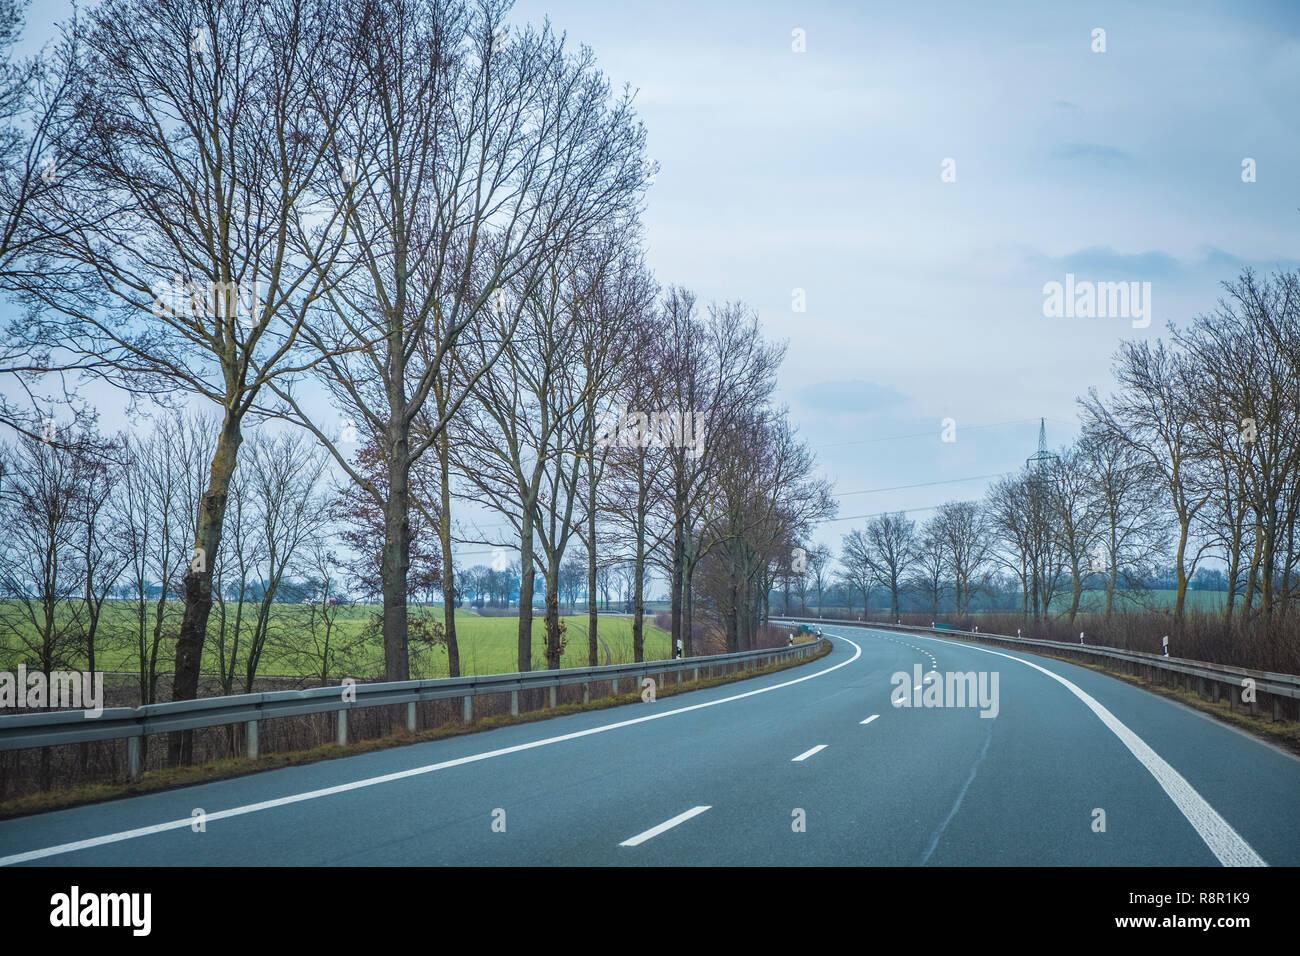 Fahrt auf der Ostwestfalenstraße bei Brakel, NRW, Deutschland - Stock Image